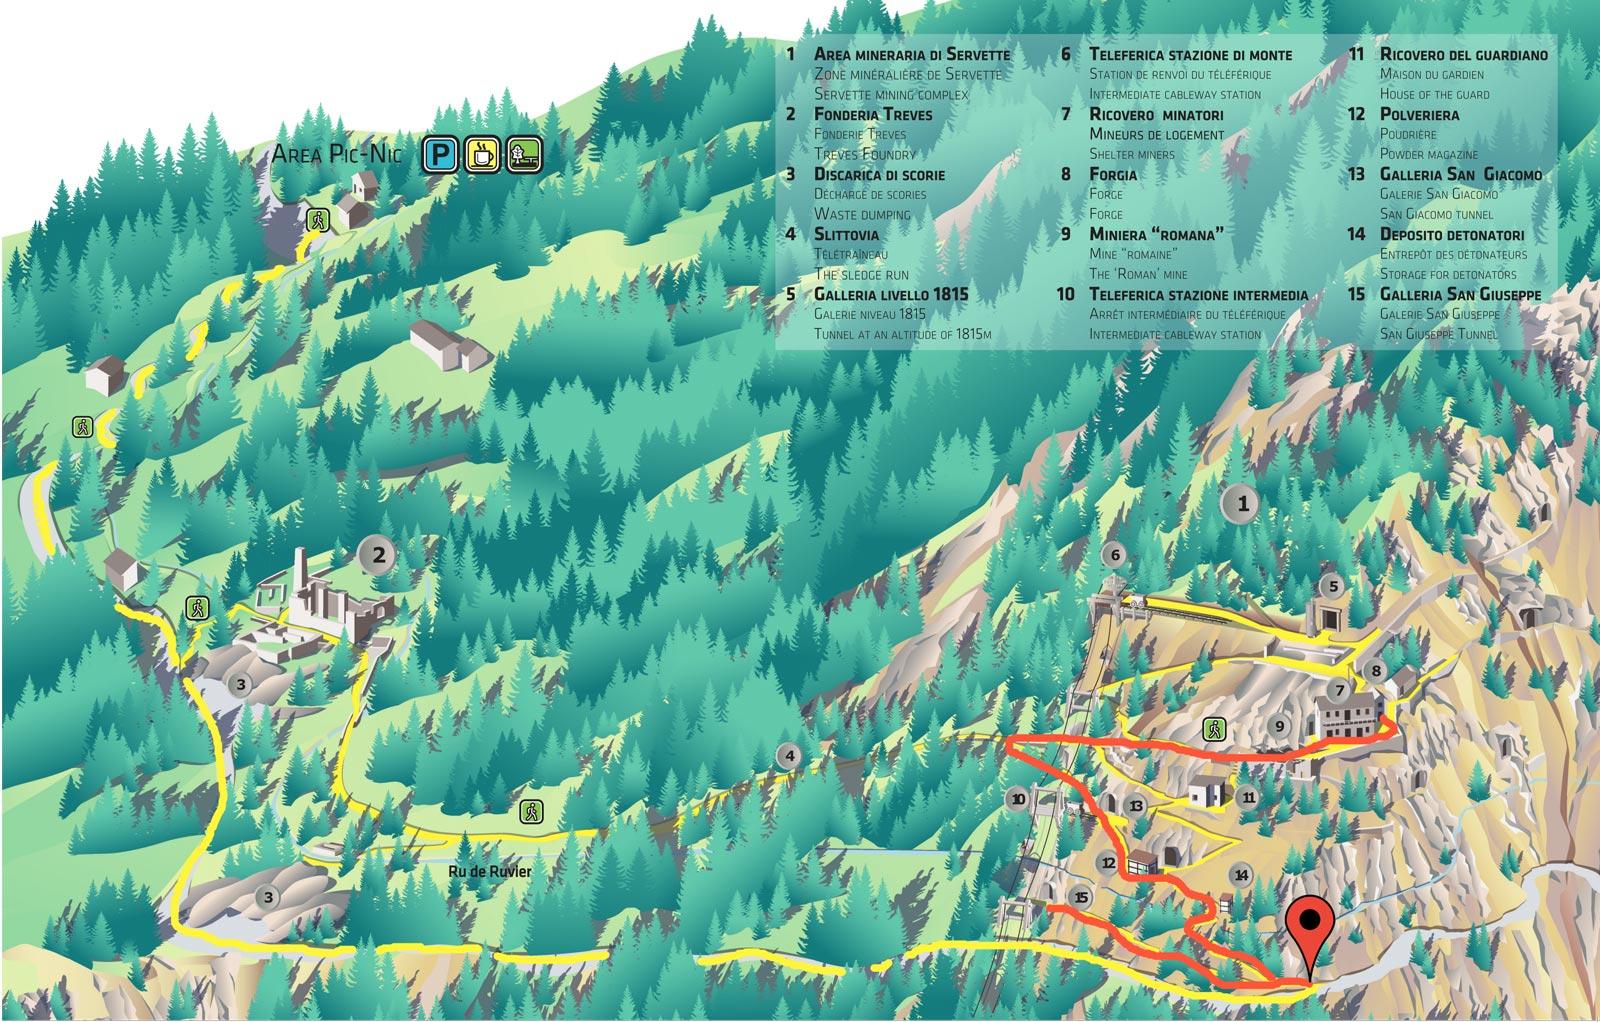 visita breve Miniere Turistiche di Saint Marcel Valle d'Aosta